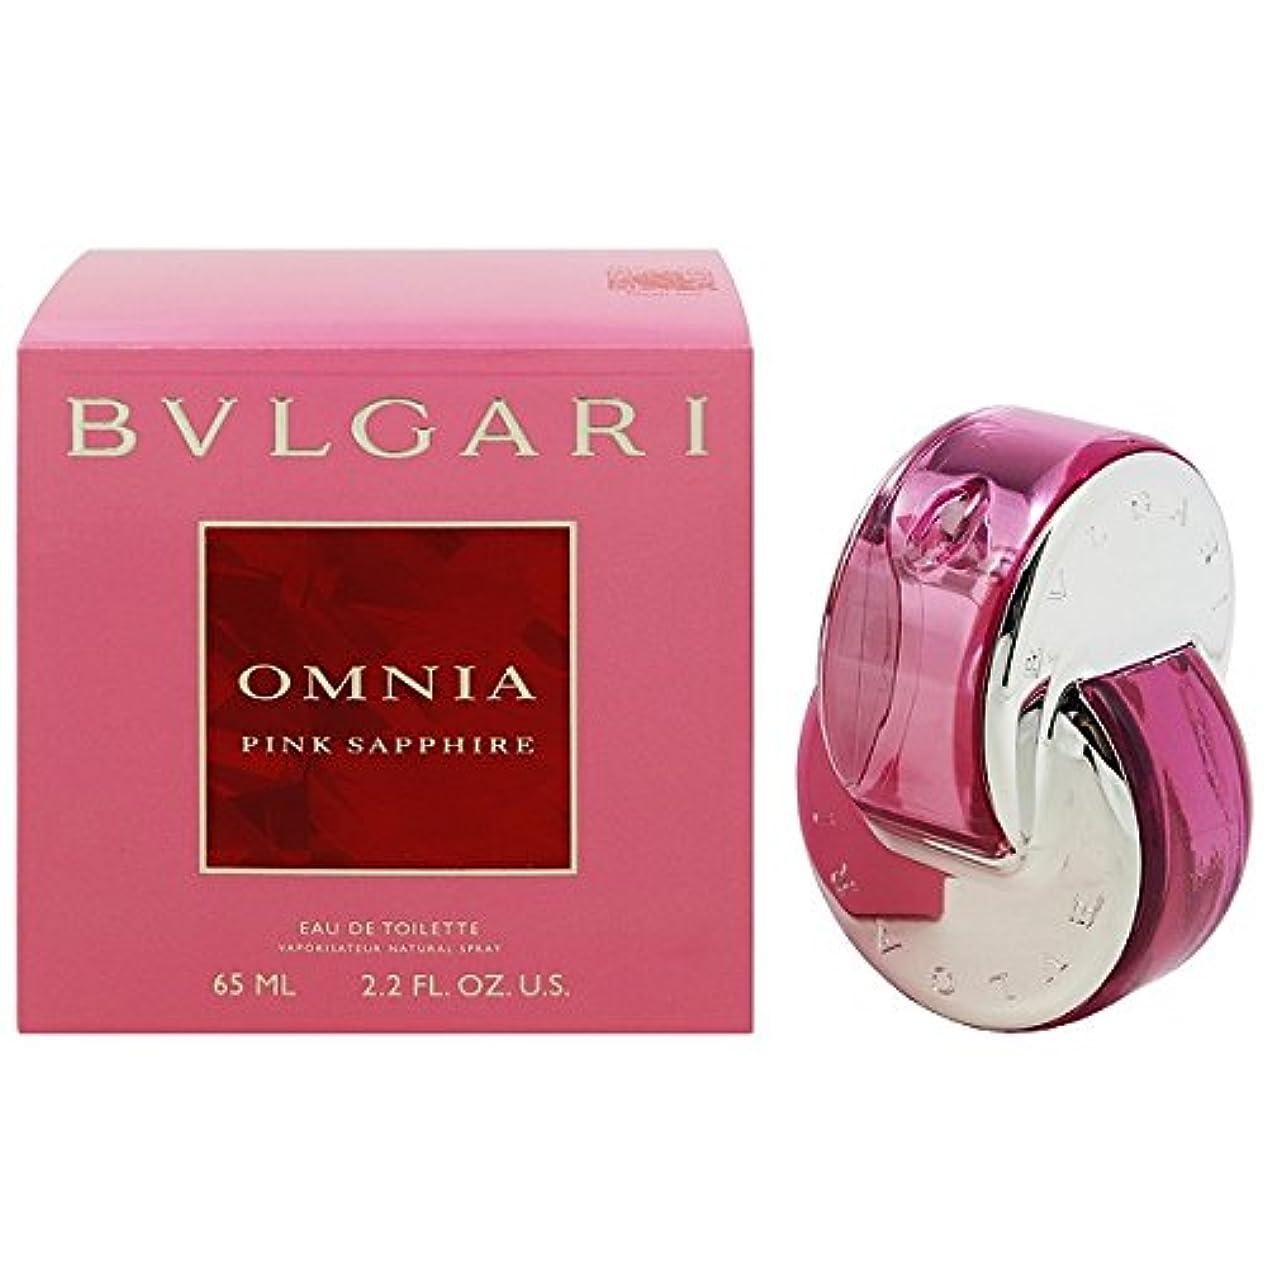 思いつく思いつく回路ブルガリ オムニア ピンク サファイヤ(ピンク サファイア) EDT スプレー 65ml ブルガリ BVLGARI